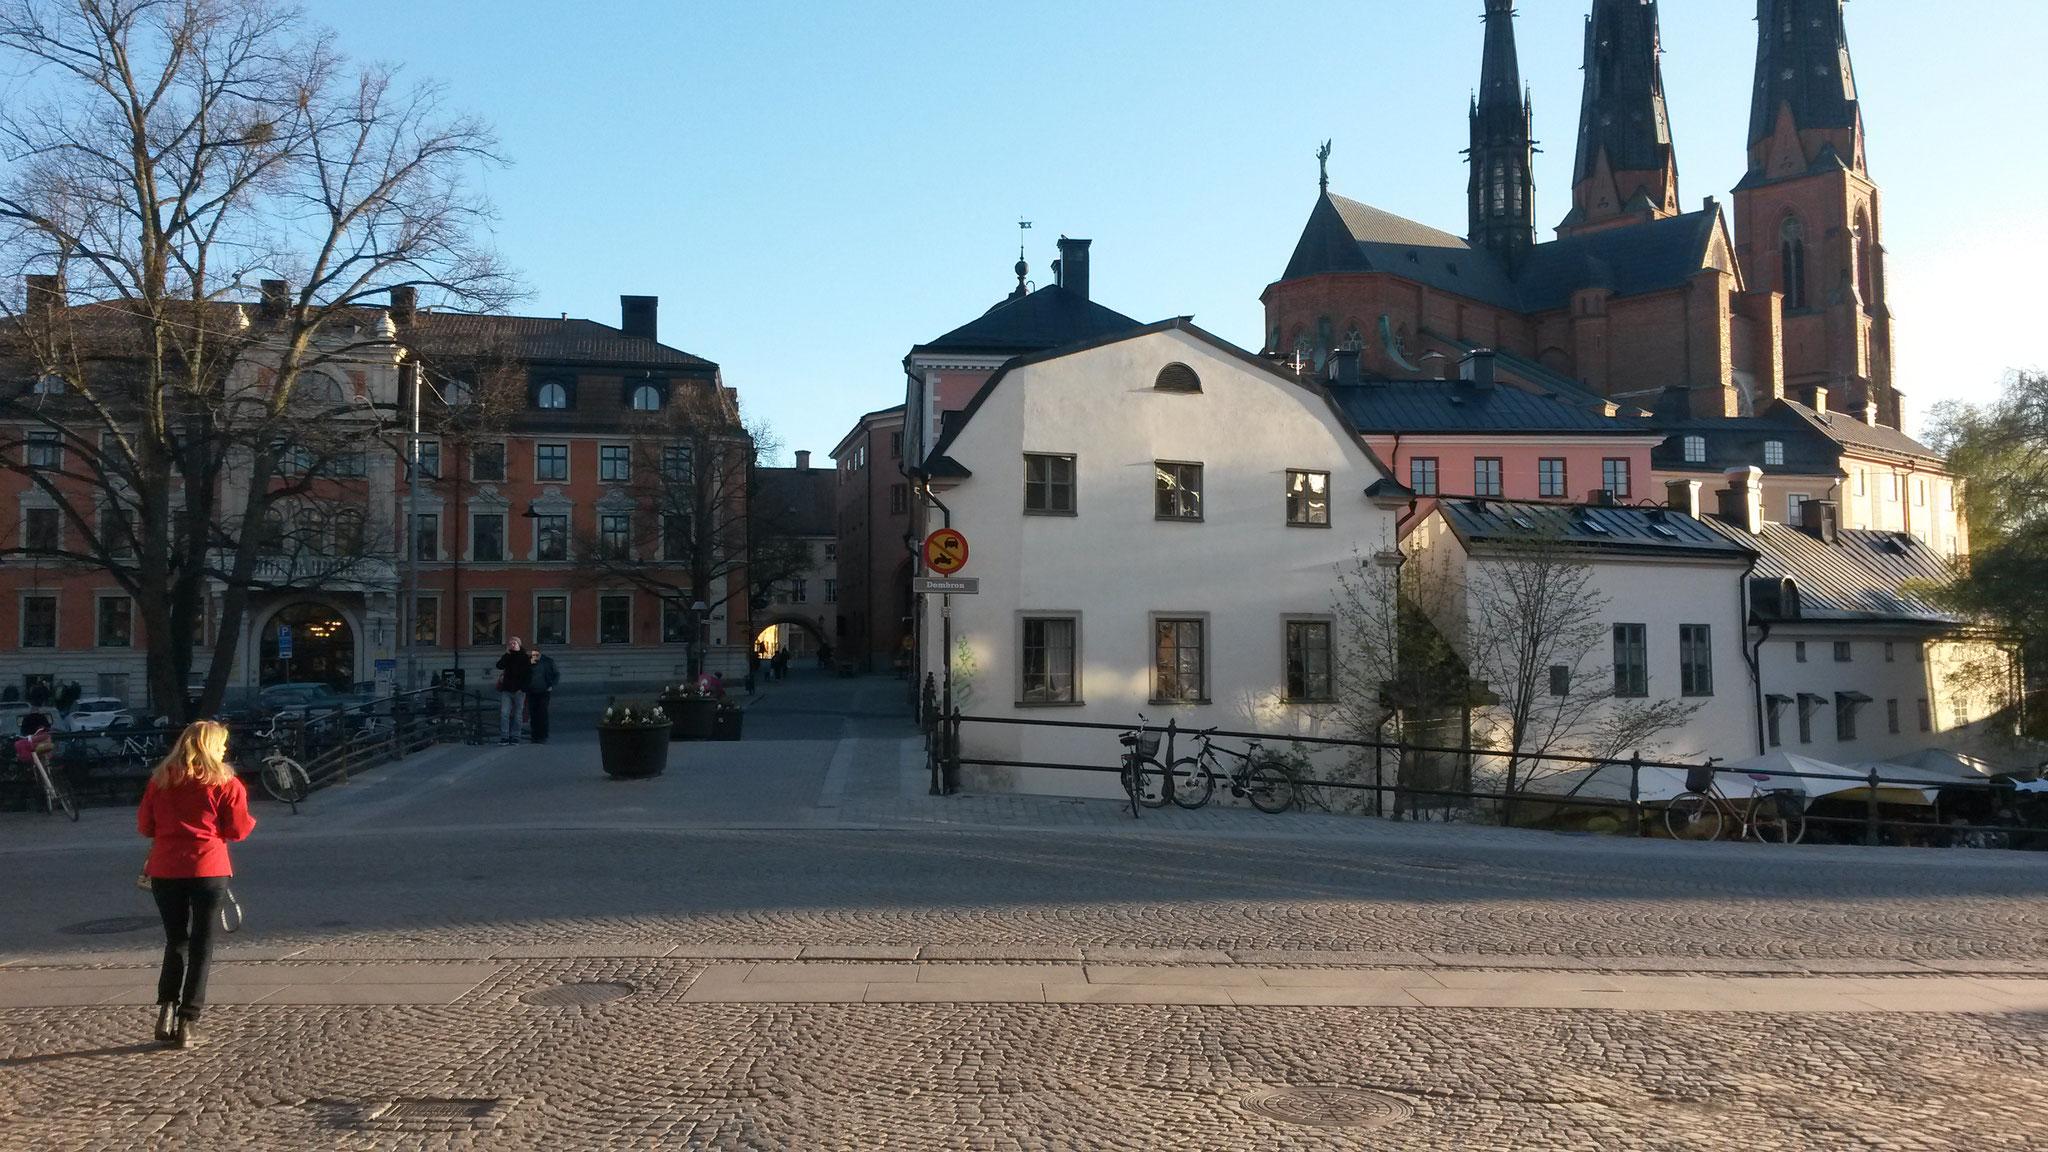 Der Dom und die alten Gebäude Uppsalas